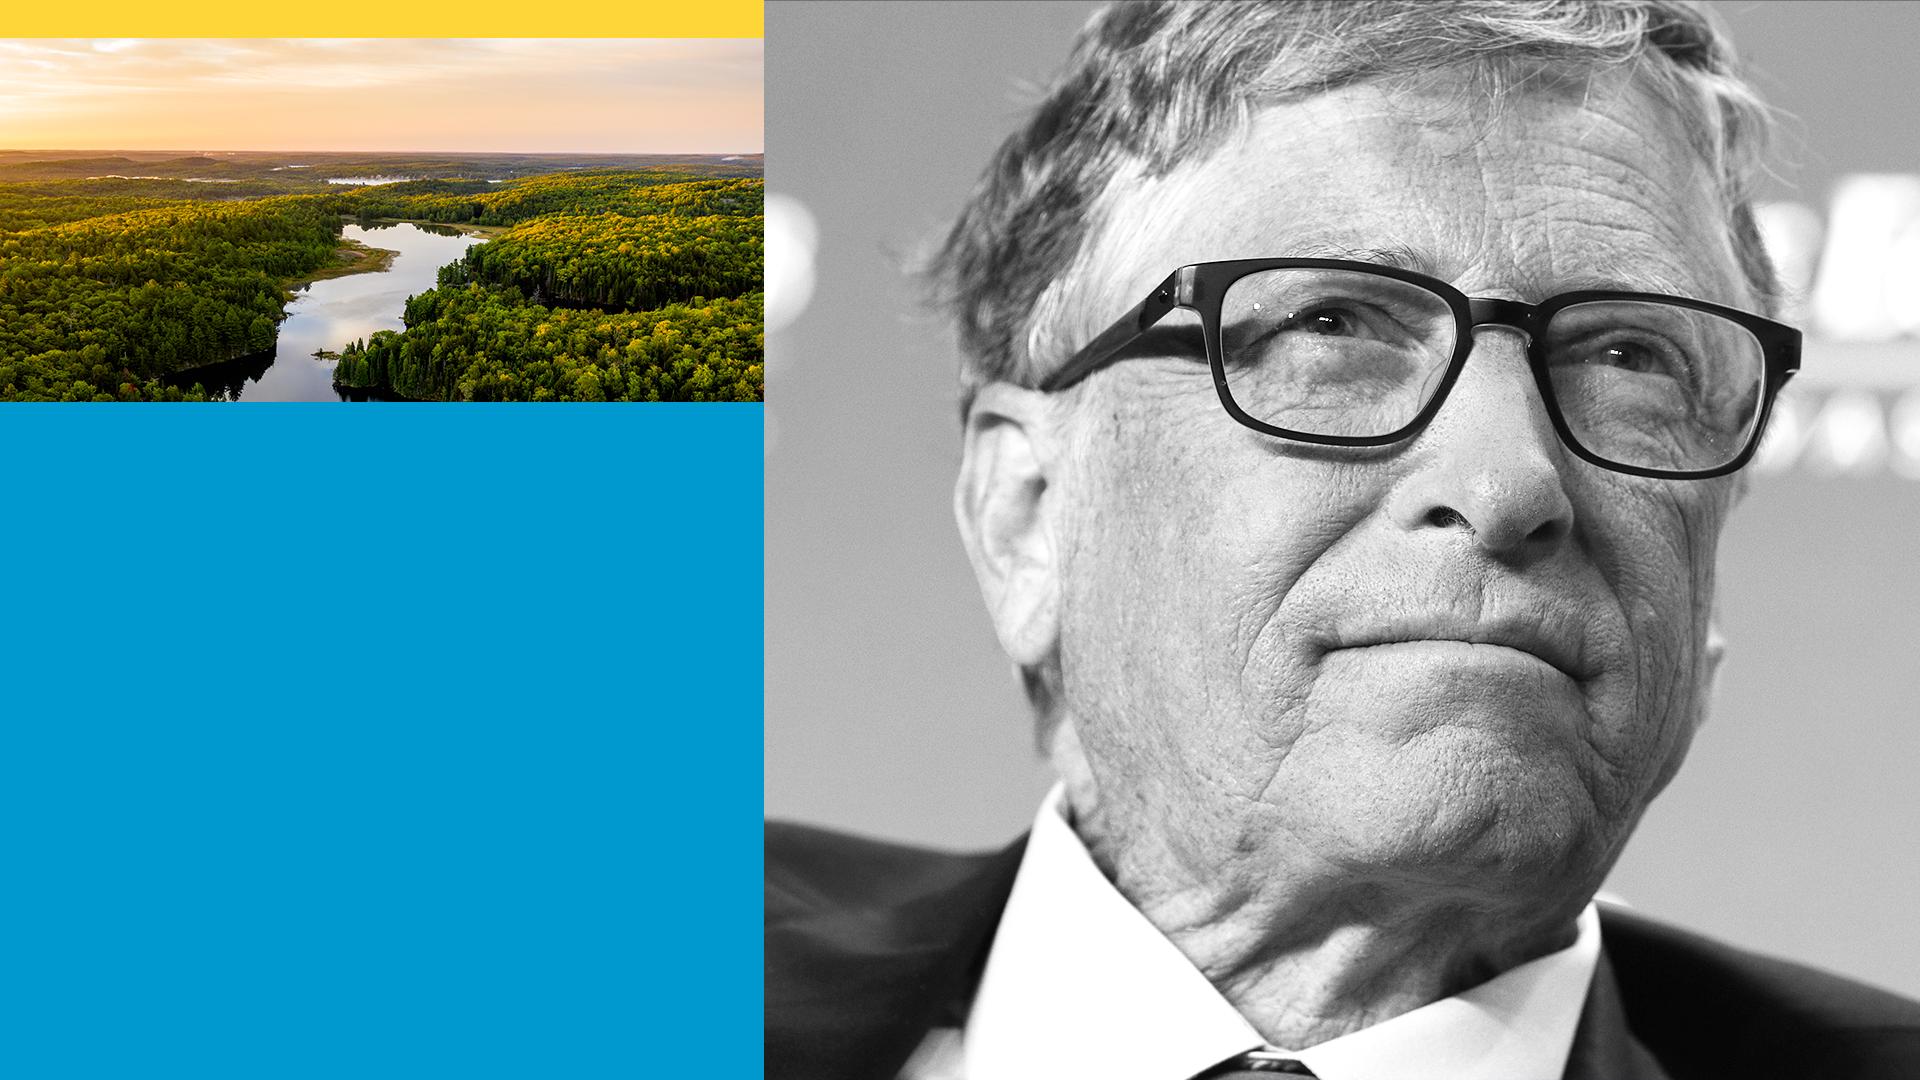 Illustration of Bill Gates.